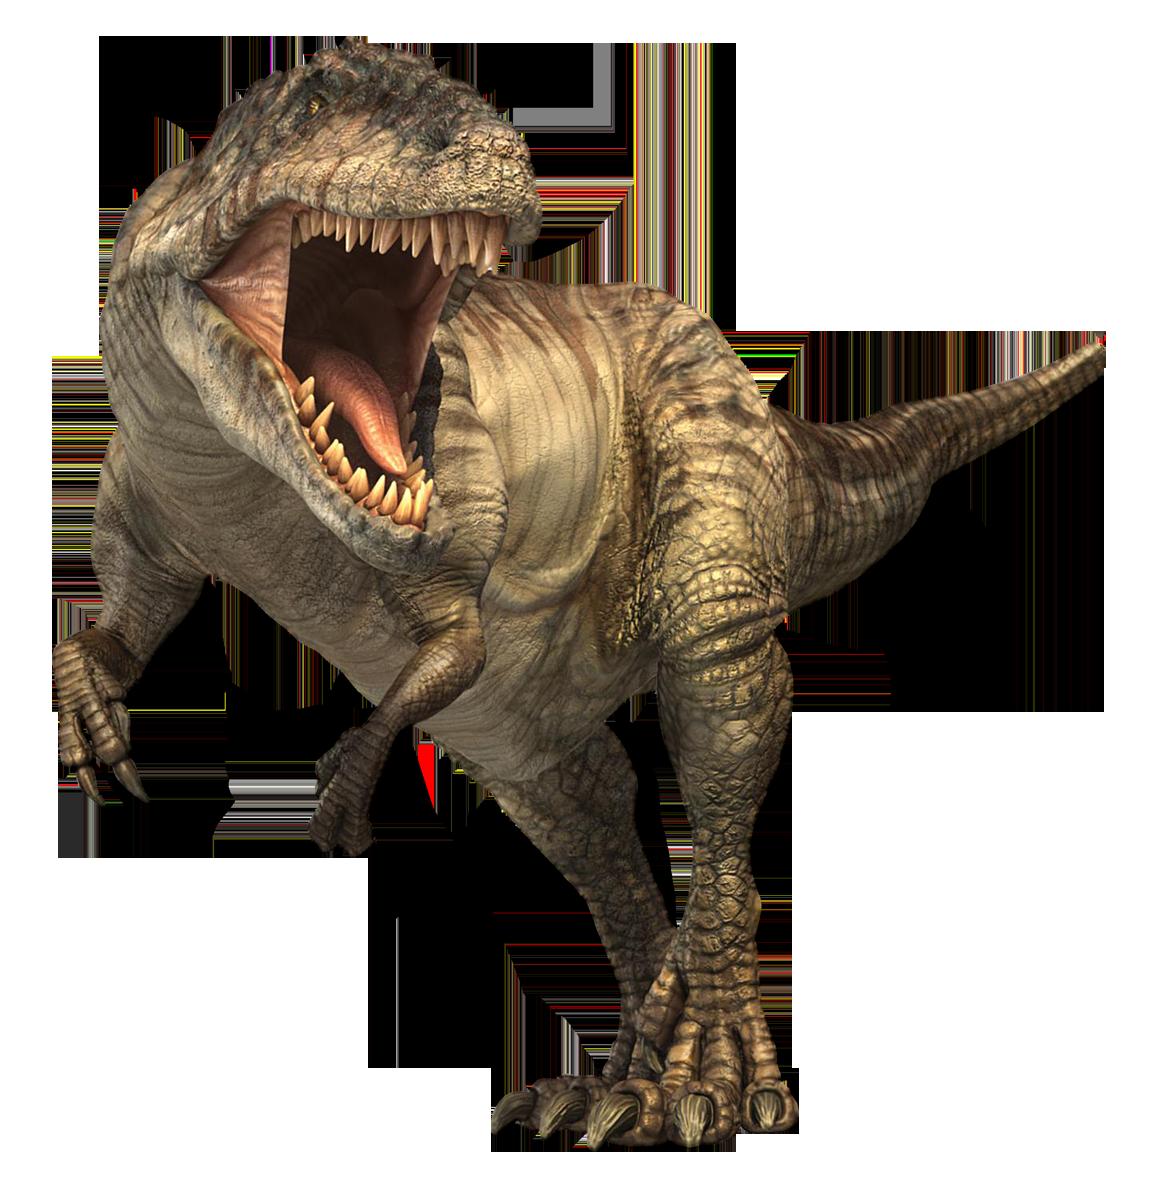 Png Dinosaurios Dinosaurios Imagenes Dinosaurios Rex Dinosaurio Real